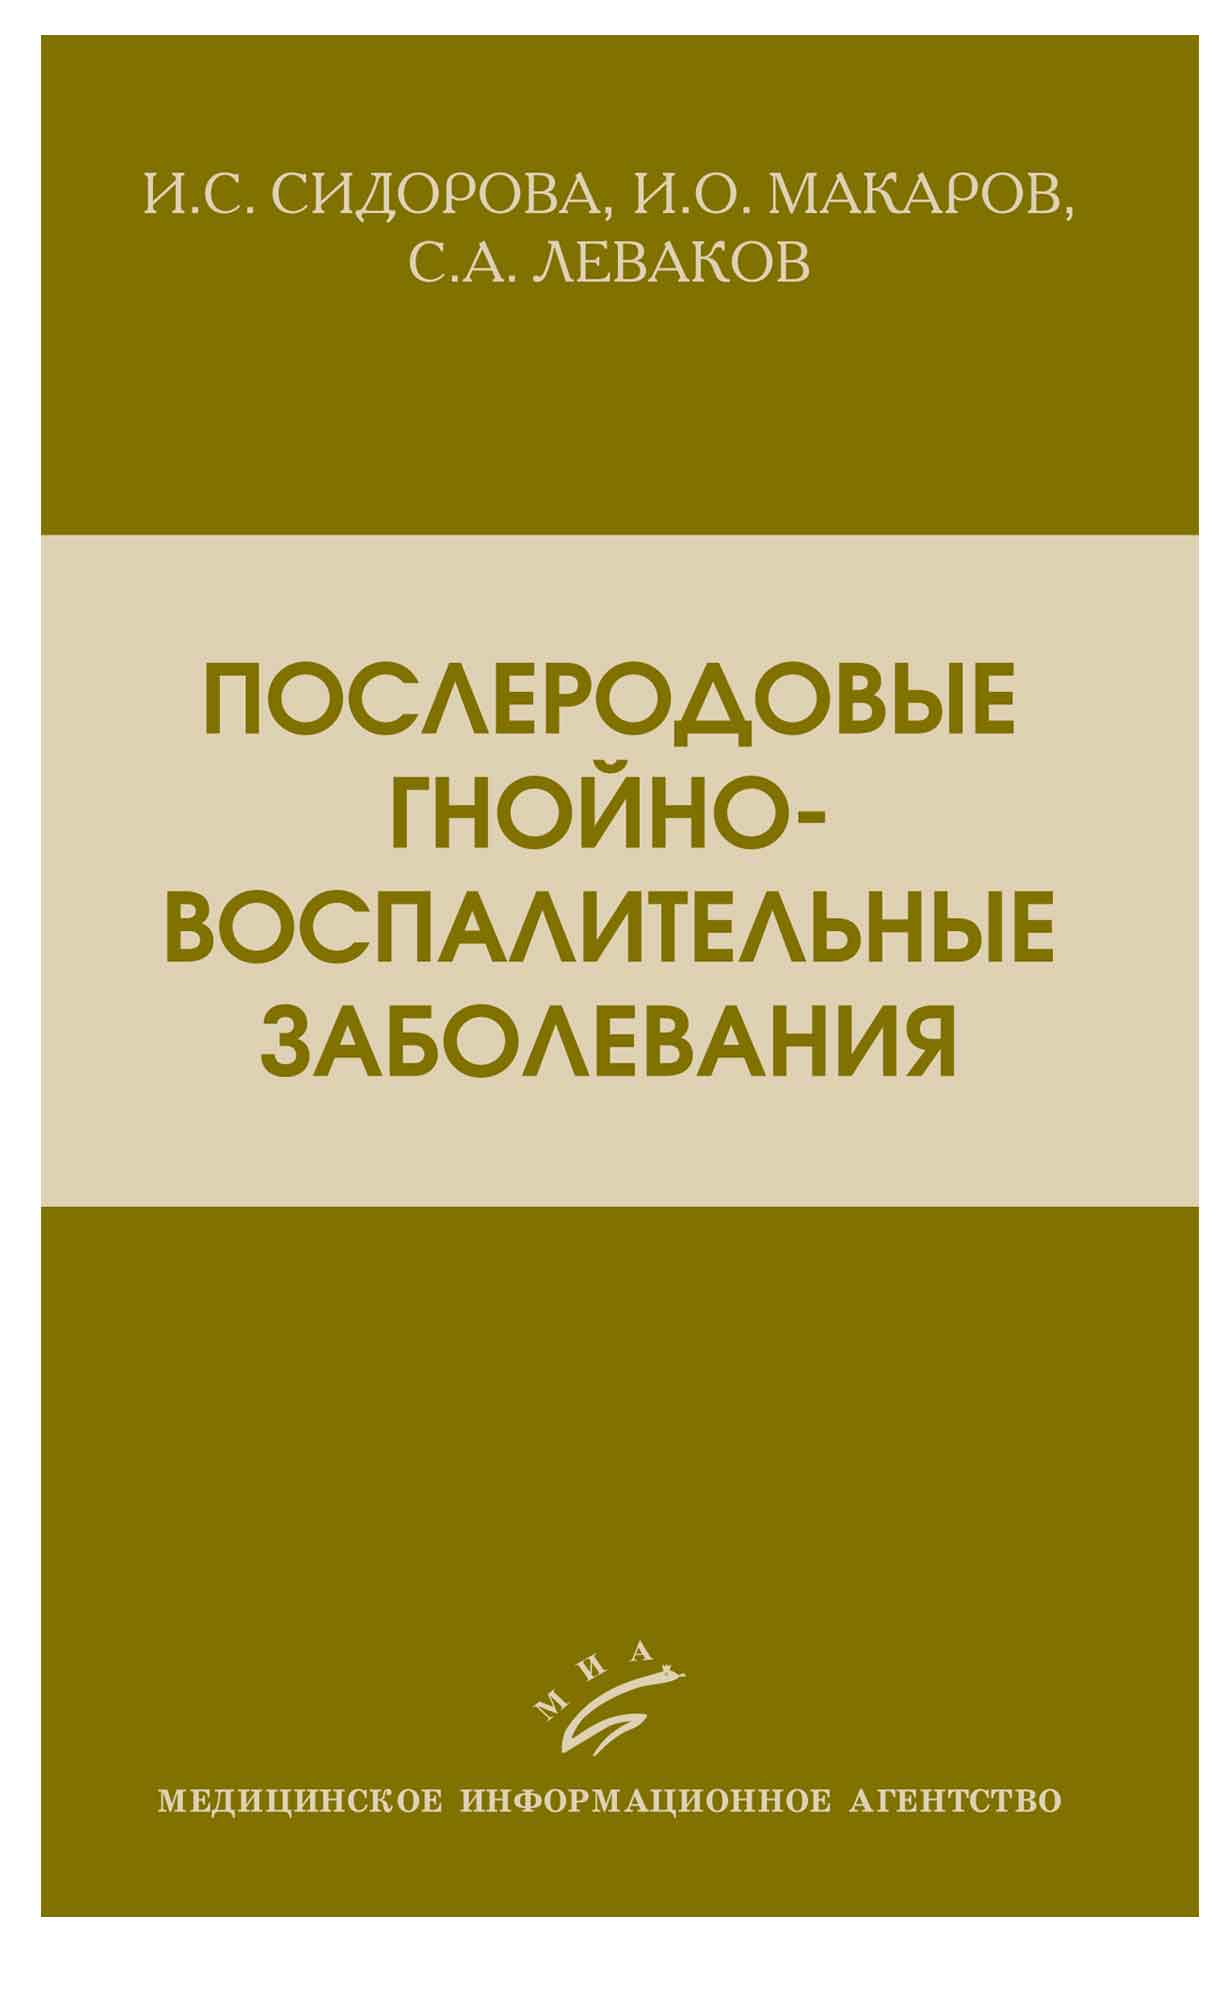 Практическое акушерство с неотложными состояниями Руководство для врачей Лихачев ВК